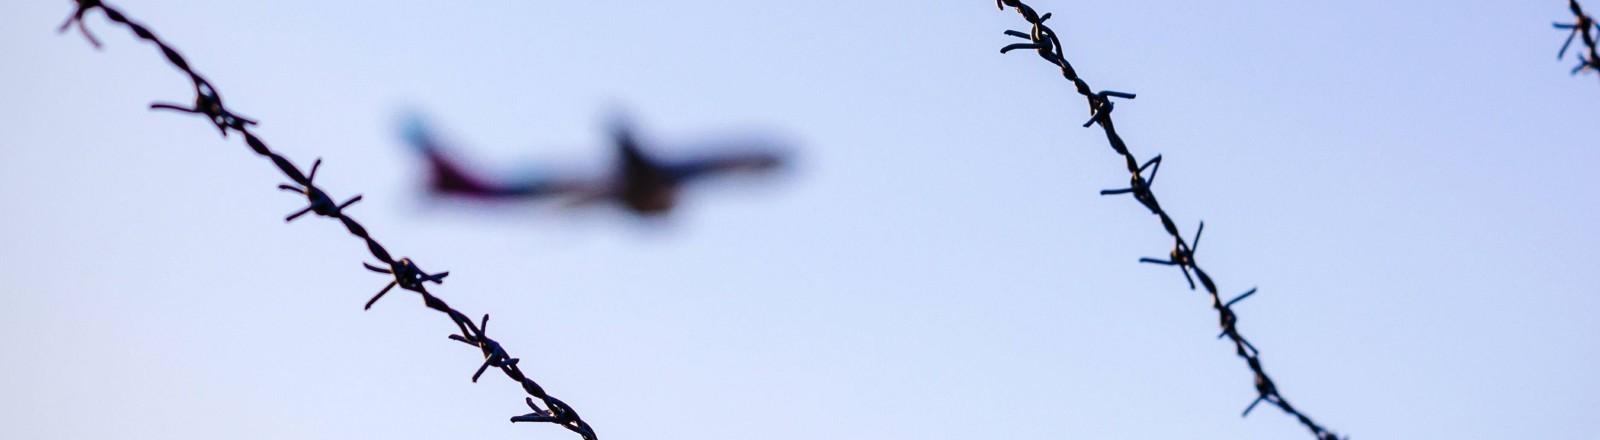 Ein Flugzeug ist im Himmel, davor ist Stacheldraht.